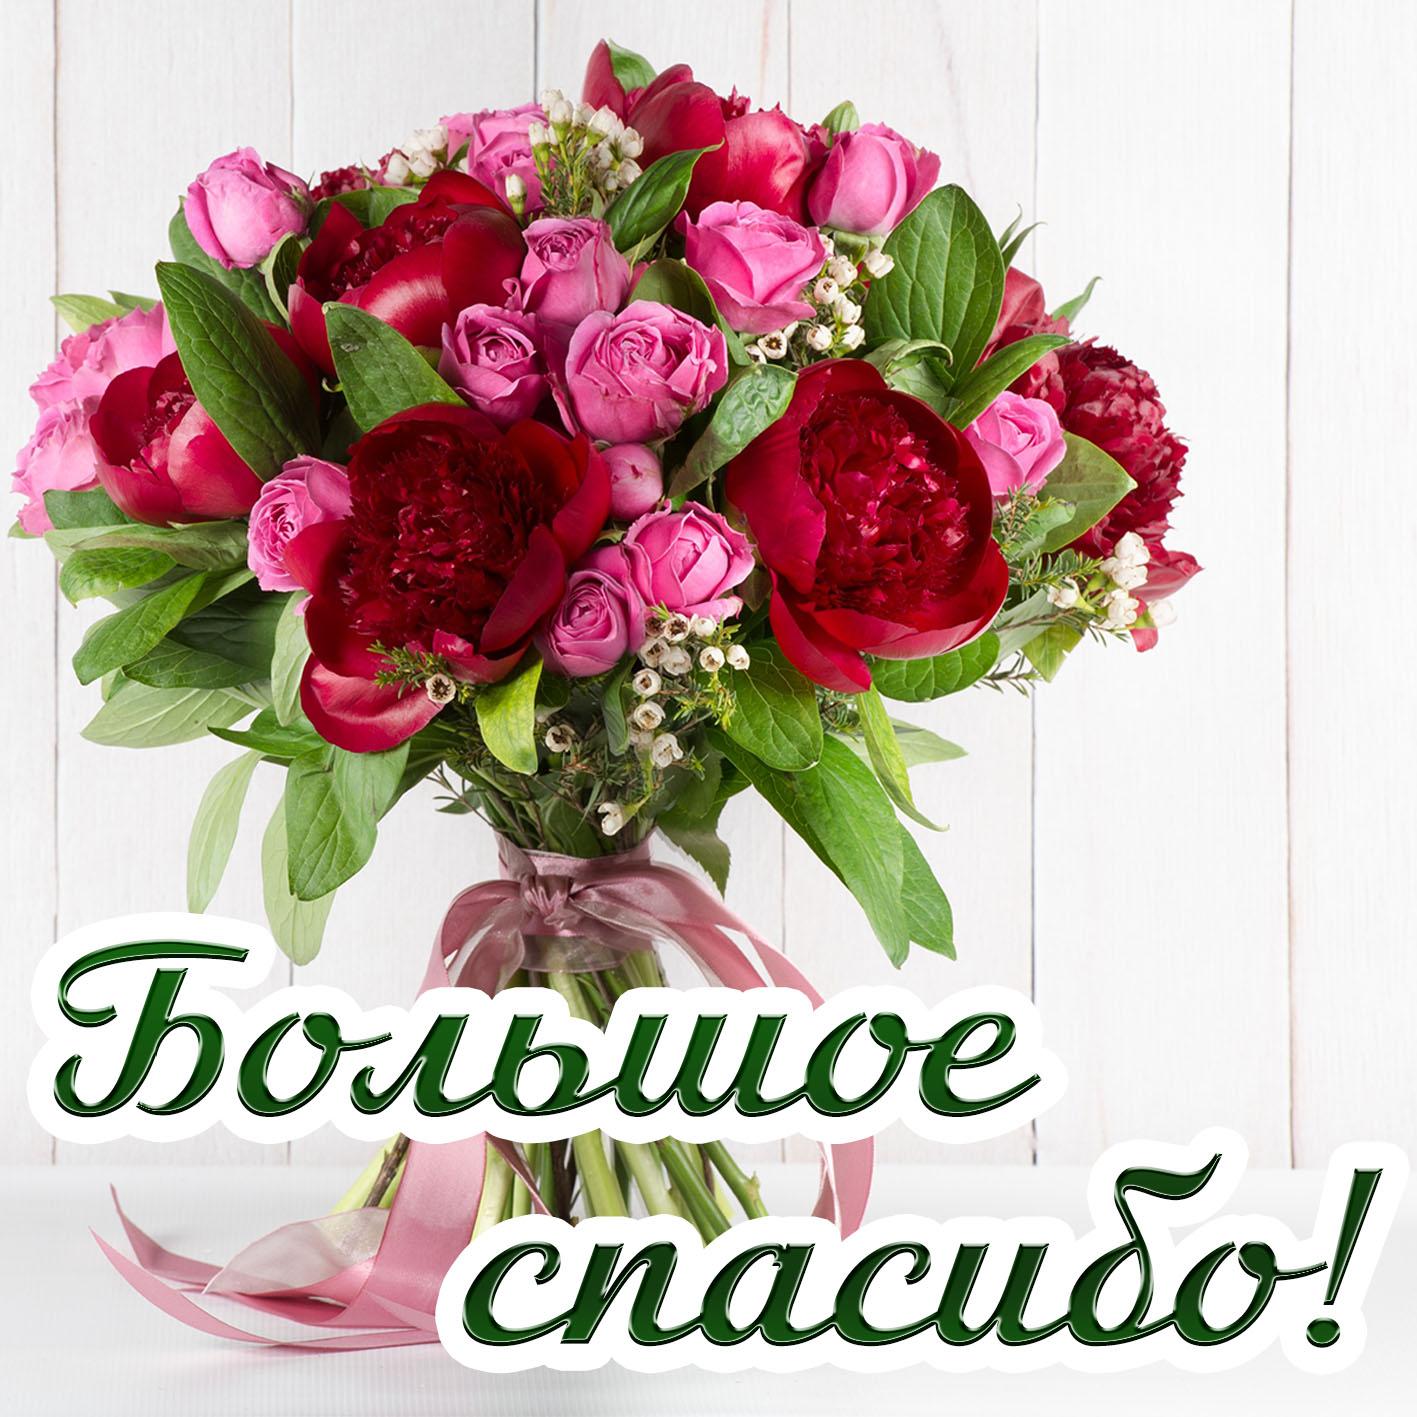 Цветы картинки с надписью спасибо, украсит открытку для